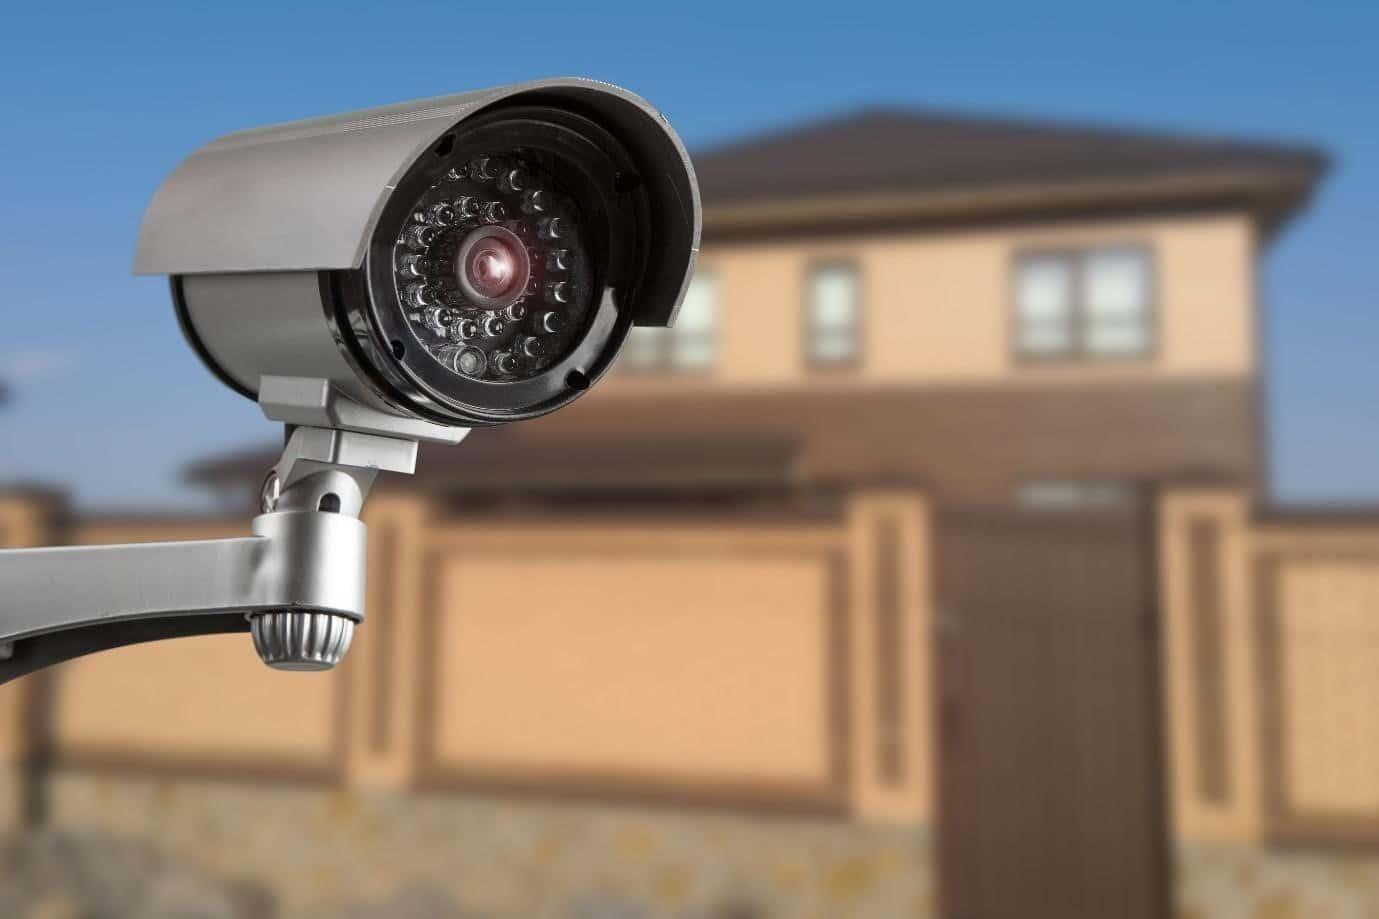 دوربین مداربسته برای اقدامات لازم قبل از نصب دوربین مدار بسته1